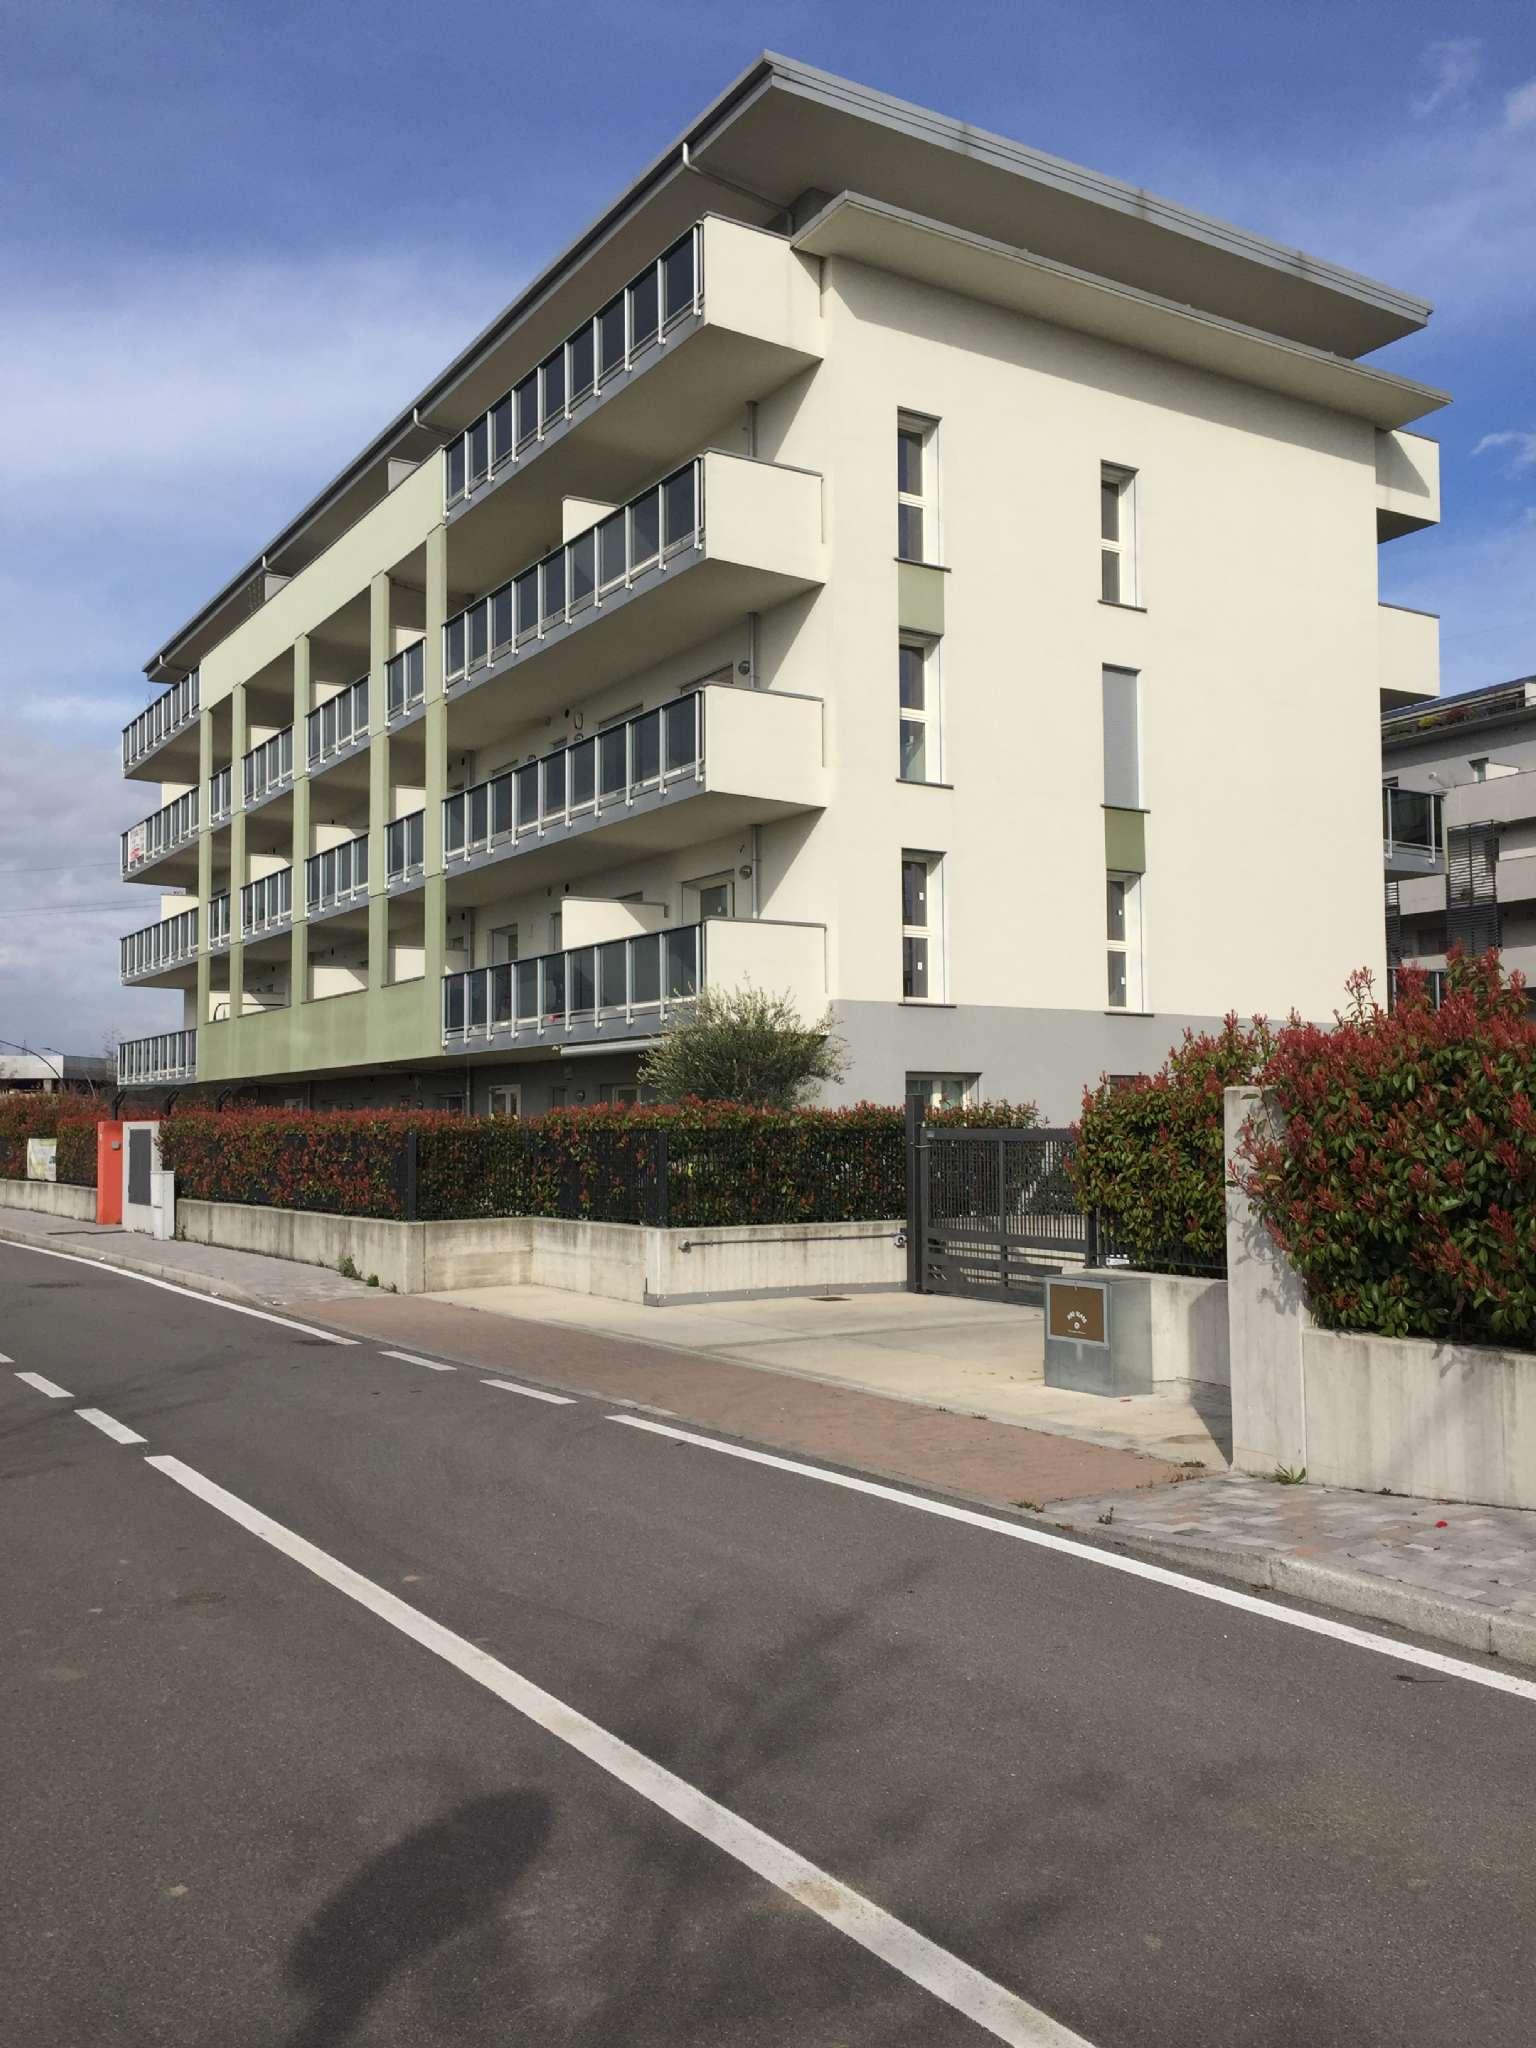 Appartamento in vendita a Treviglio, 3 locali, prezzo € 146.000   PortaleAgenzieImmobiliari.it